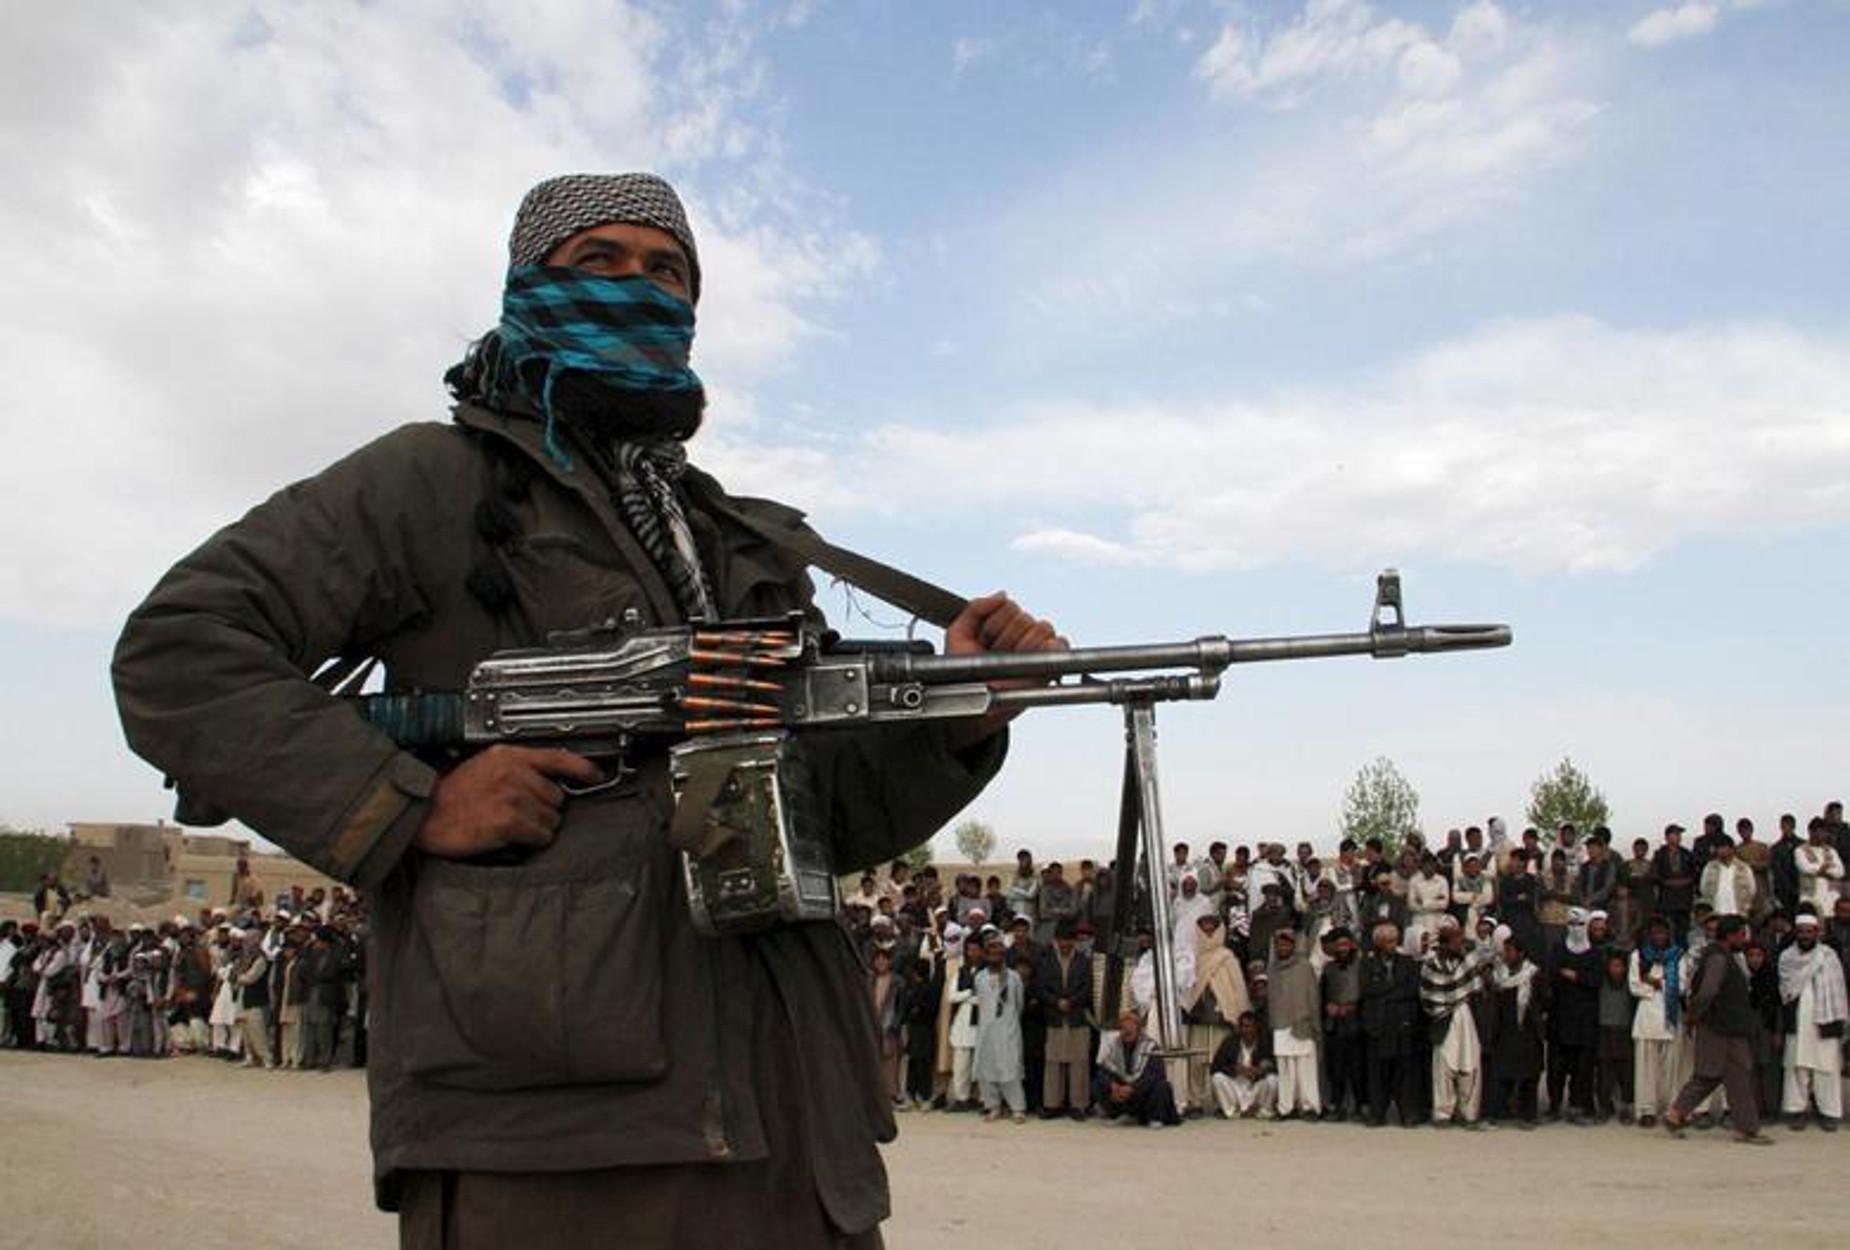 Το Αφγανιστάν πέφτει και πάλι στα χέρια των Ταλιμπάν – Ελέγχουν ξανά πάνω από τις μισές περιφέρειες